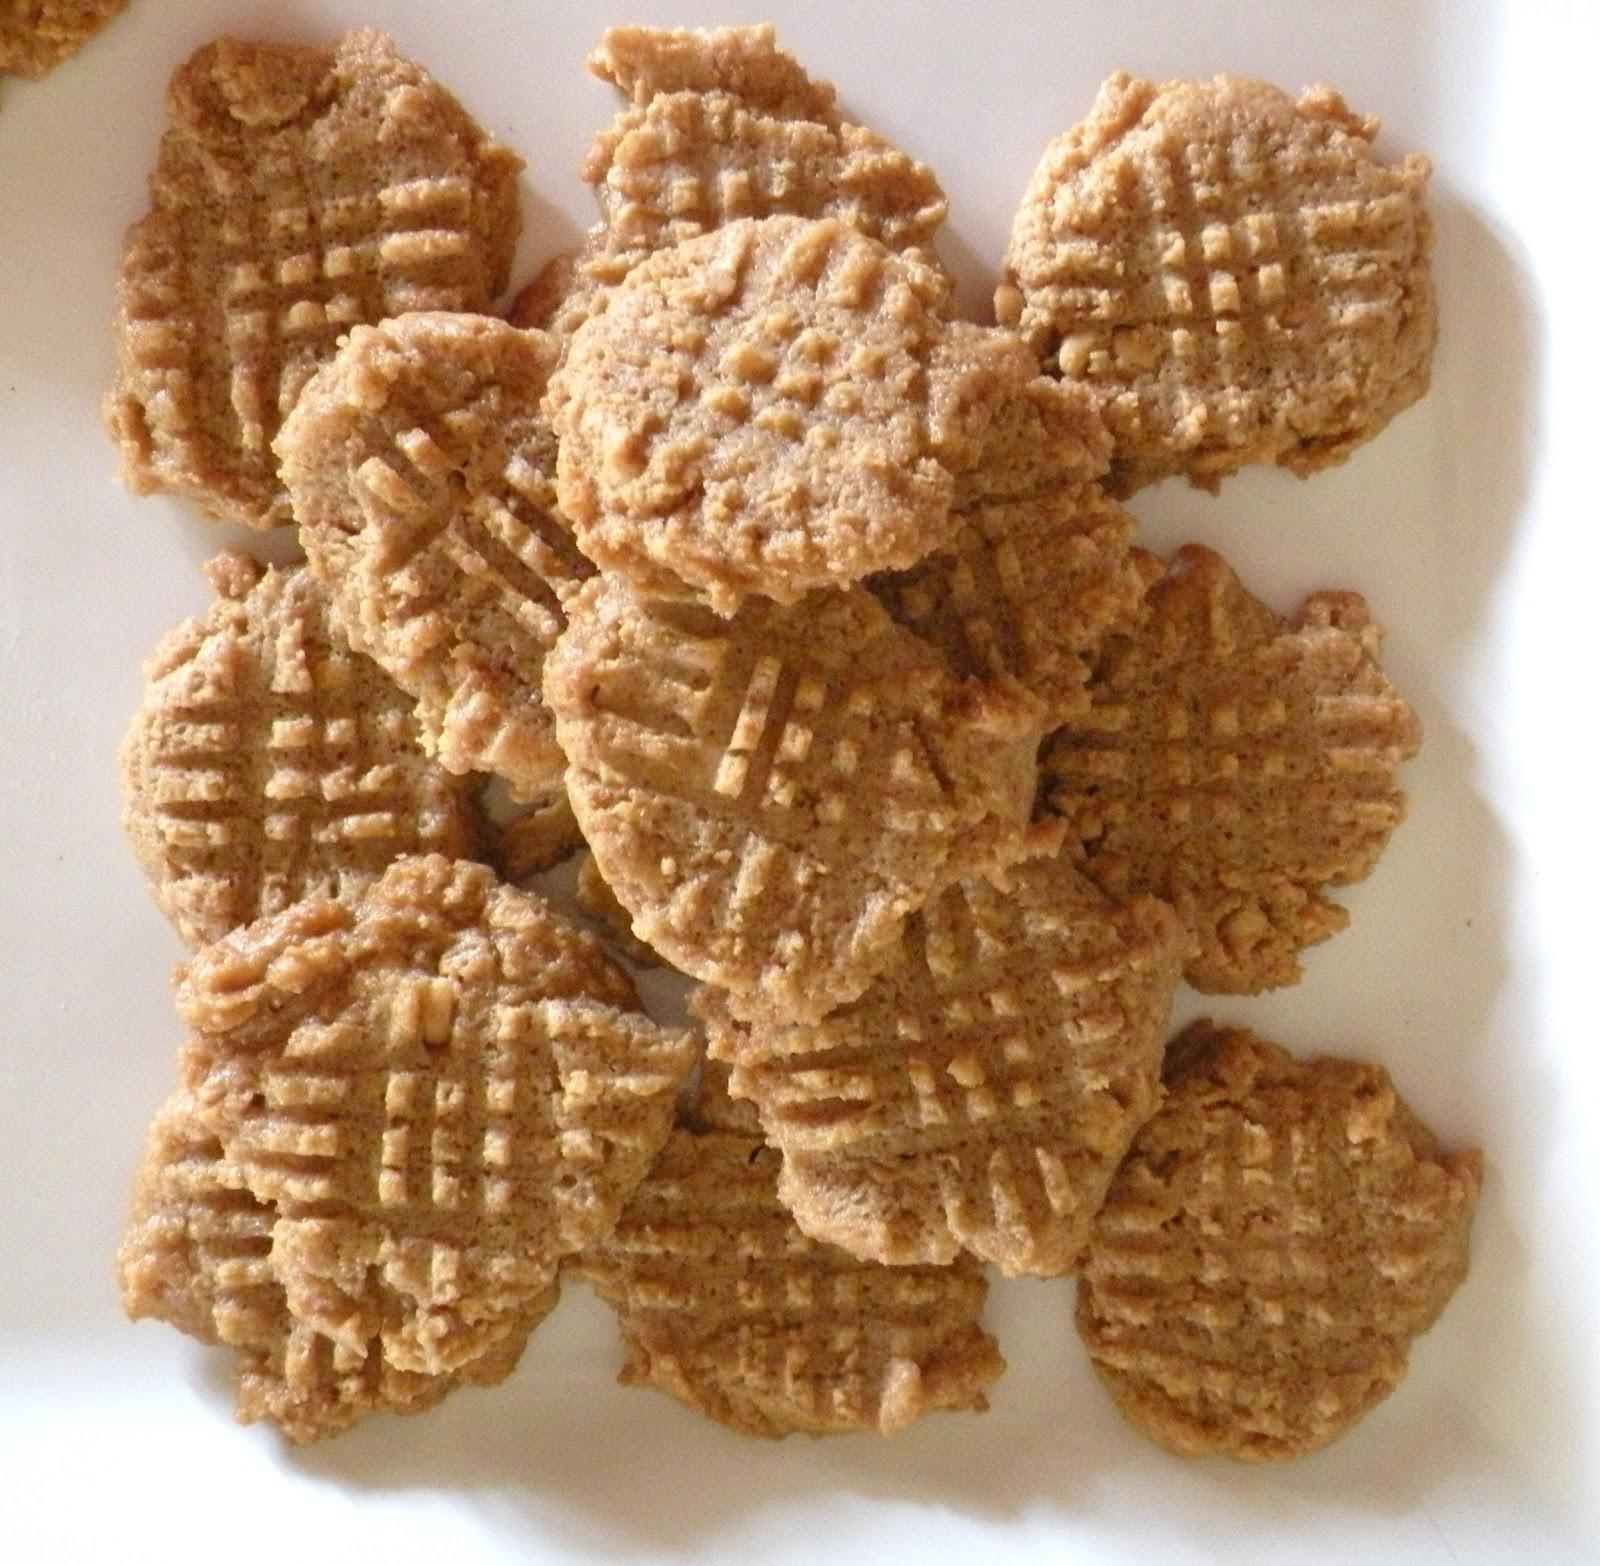 Low Carb Peanut Butter Cookies Coconut Flour  low carb peanut butter cookies coconut flour